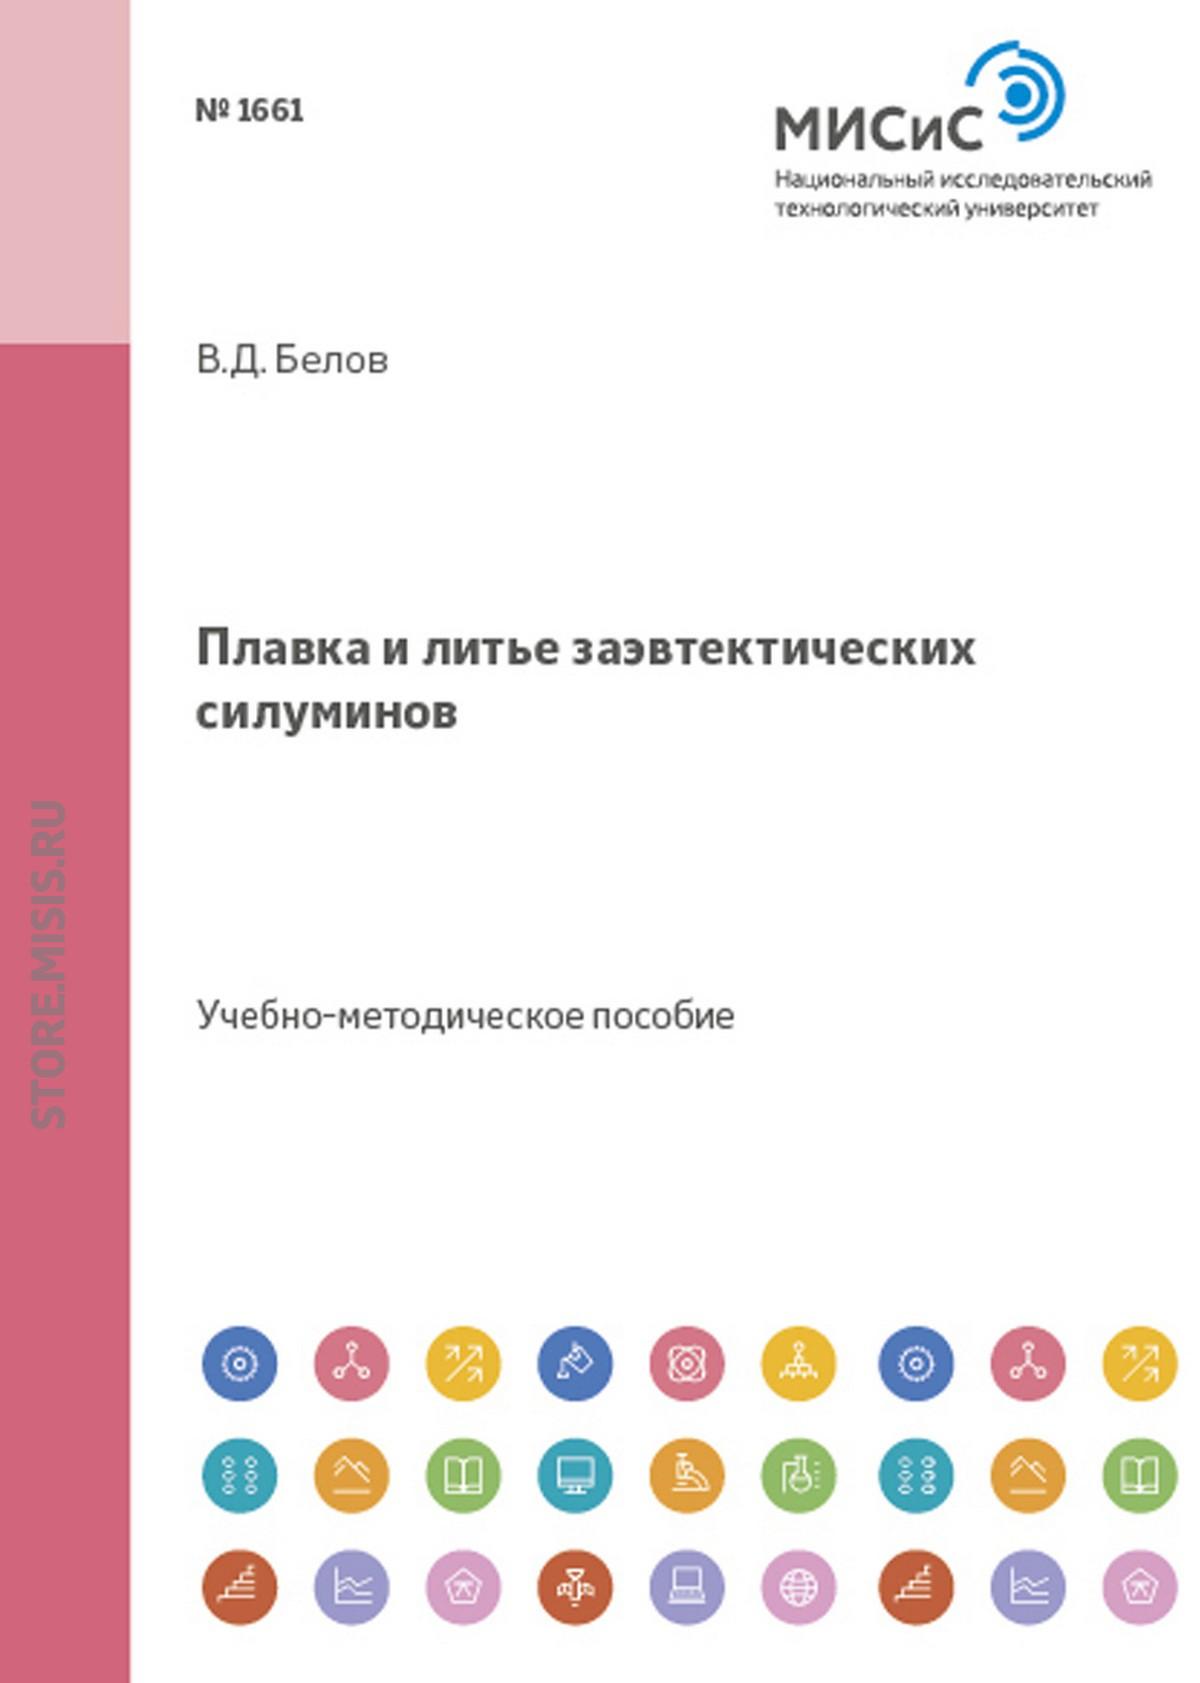 Владимир Белов Плавка и литье заэвтектических силуминов